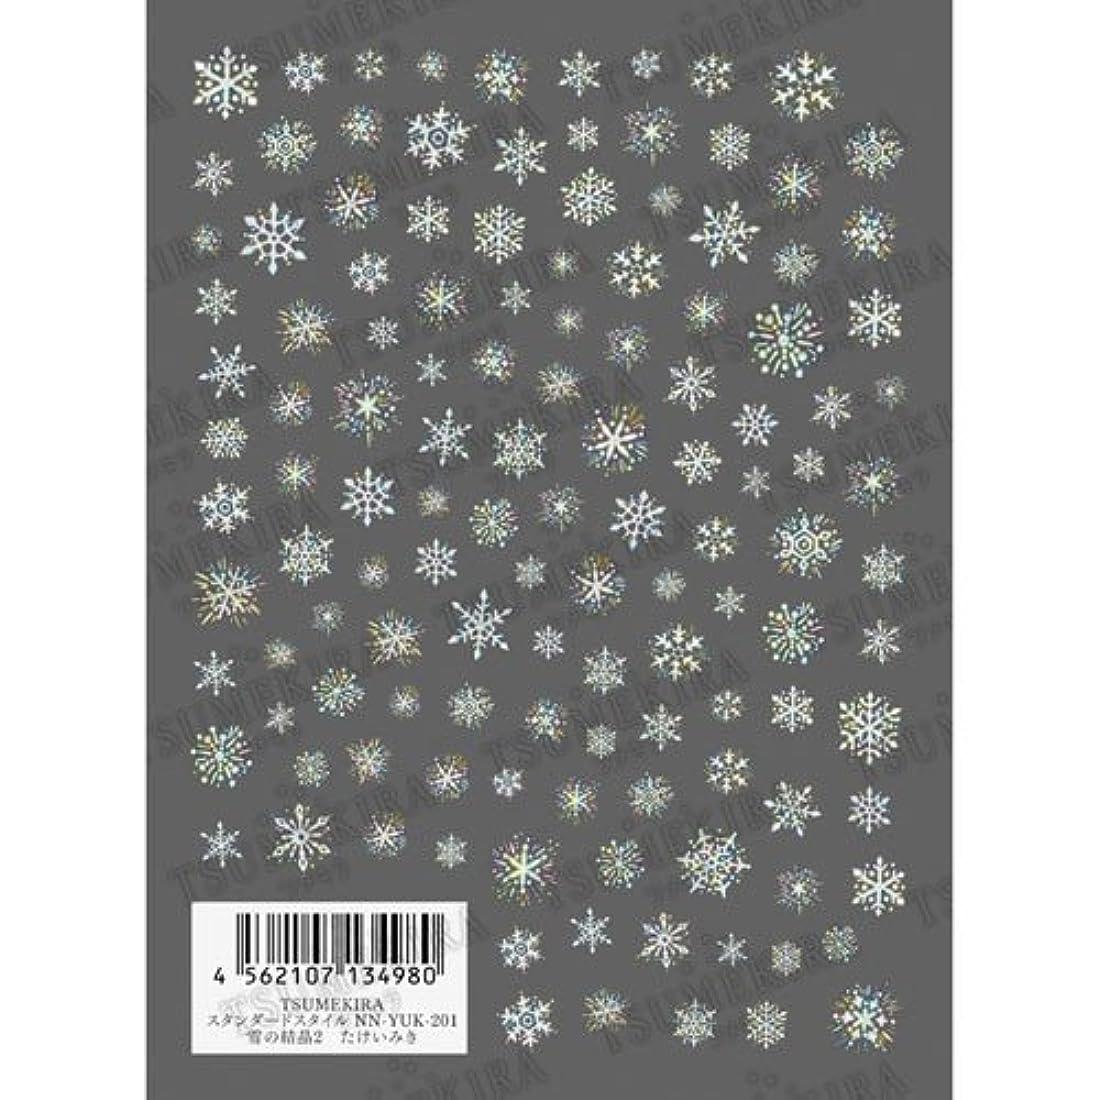 ピルファー証明マングルツメキラ ネイル用シール スタンダードシリーズ 雪の結晶2 NN-YUK-201